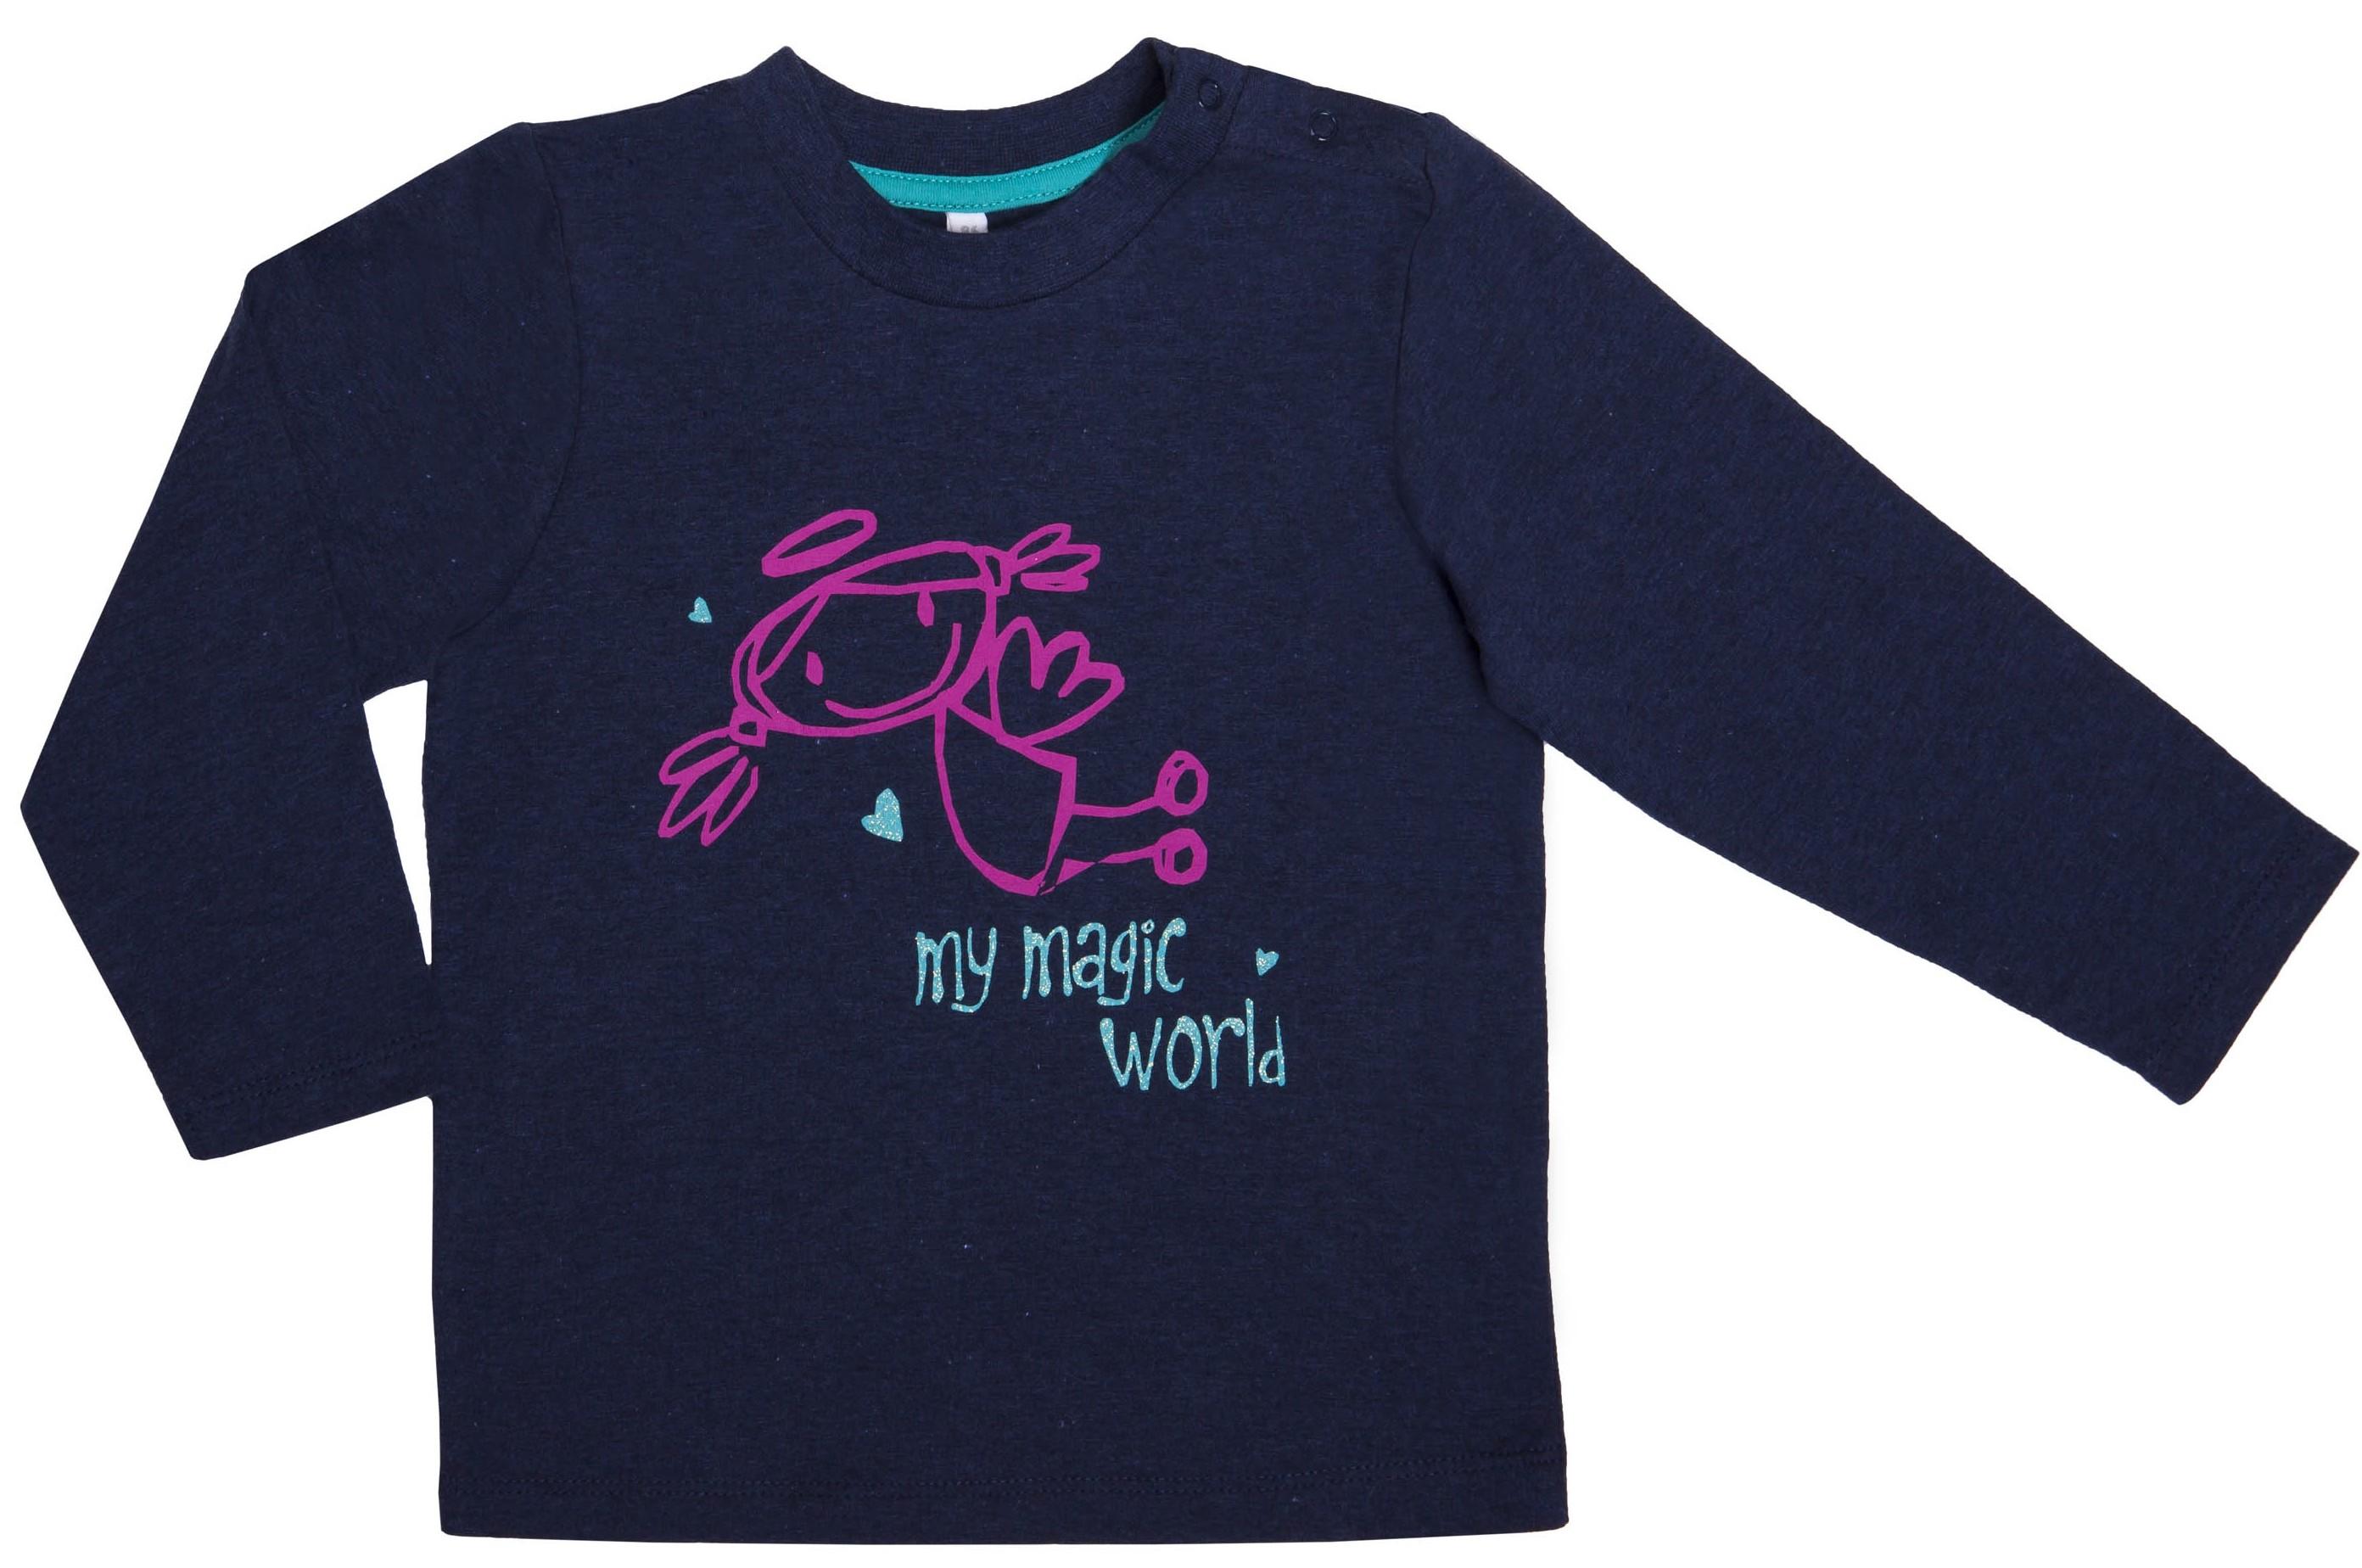 Футболки Barkito Футболка с длинным рукавом для девочки Barkito, Принцесса 1, синяя футболки barkito футболка с длинным рукавом для мальчика barkito монстр трак синяя